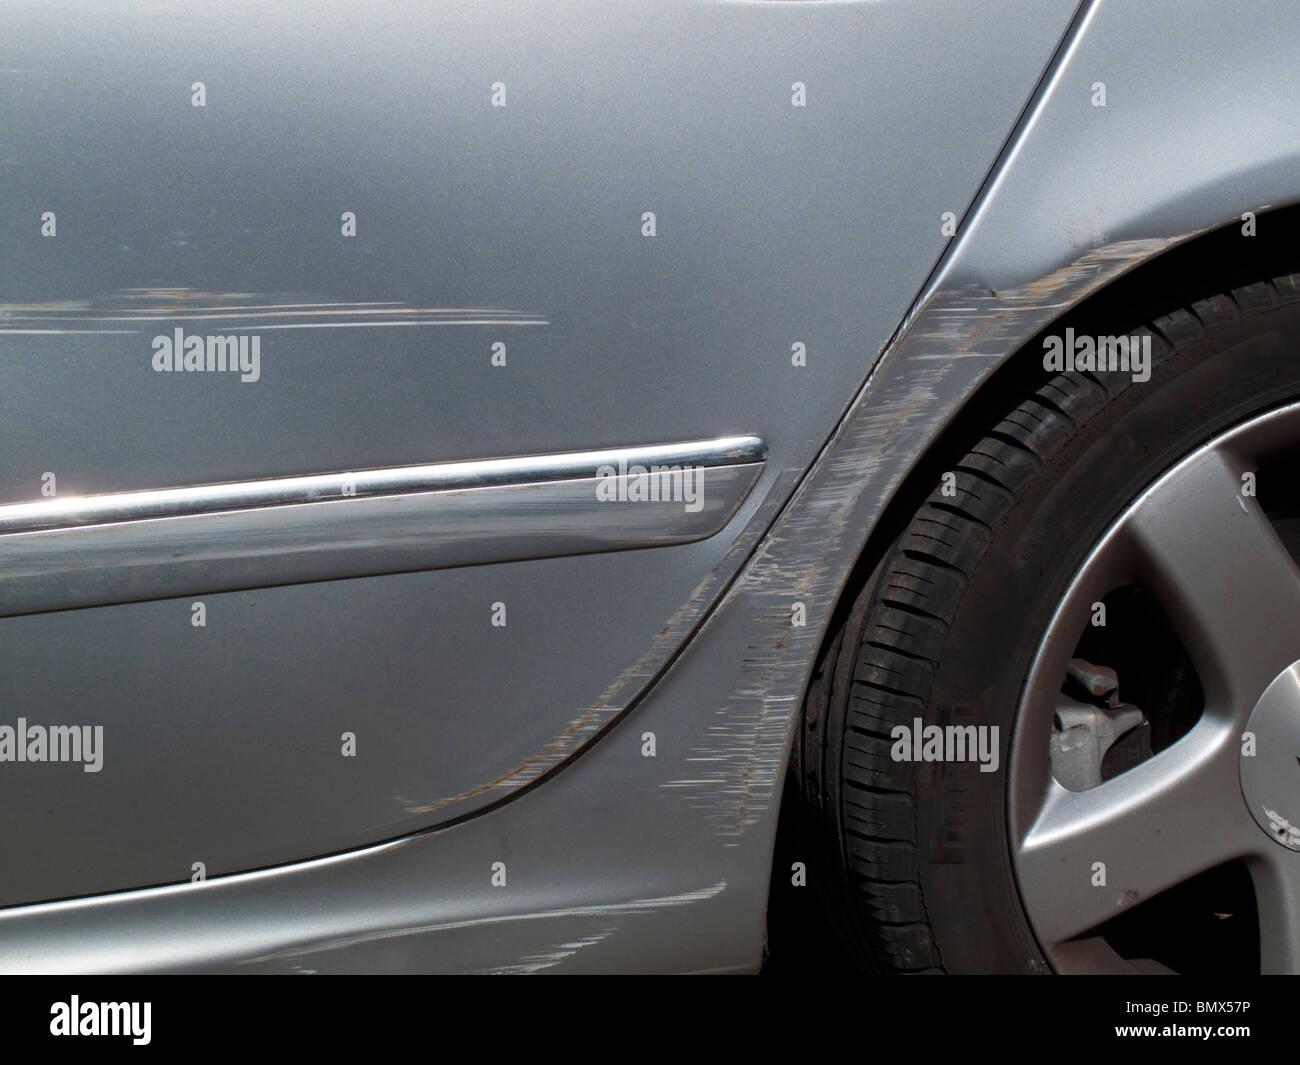 Car Paint Scratch Stock Photos & Car Paint Scratch Stock Images - Alamy